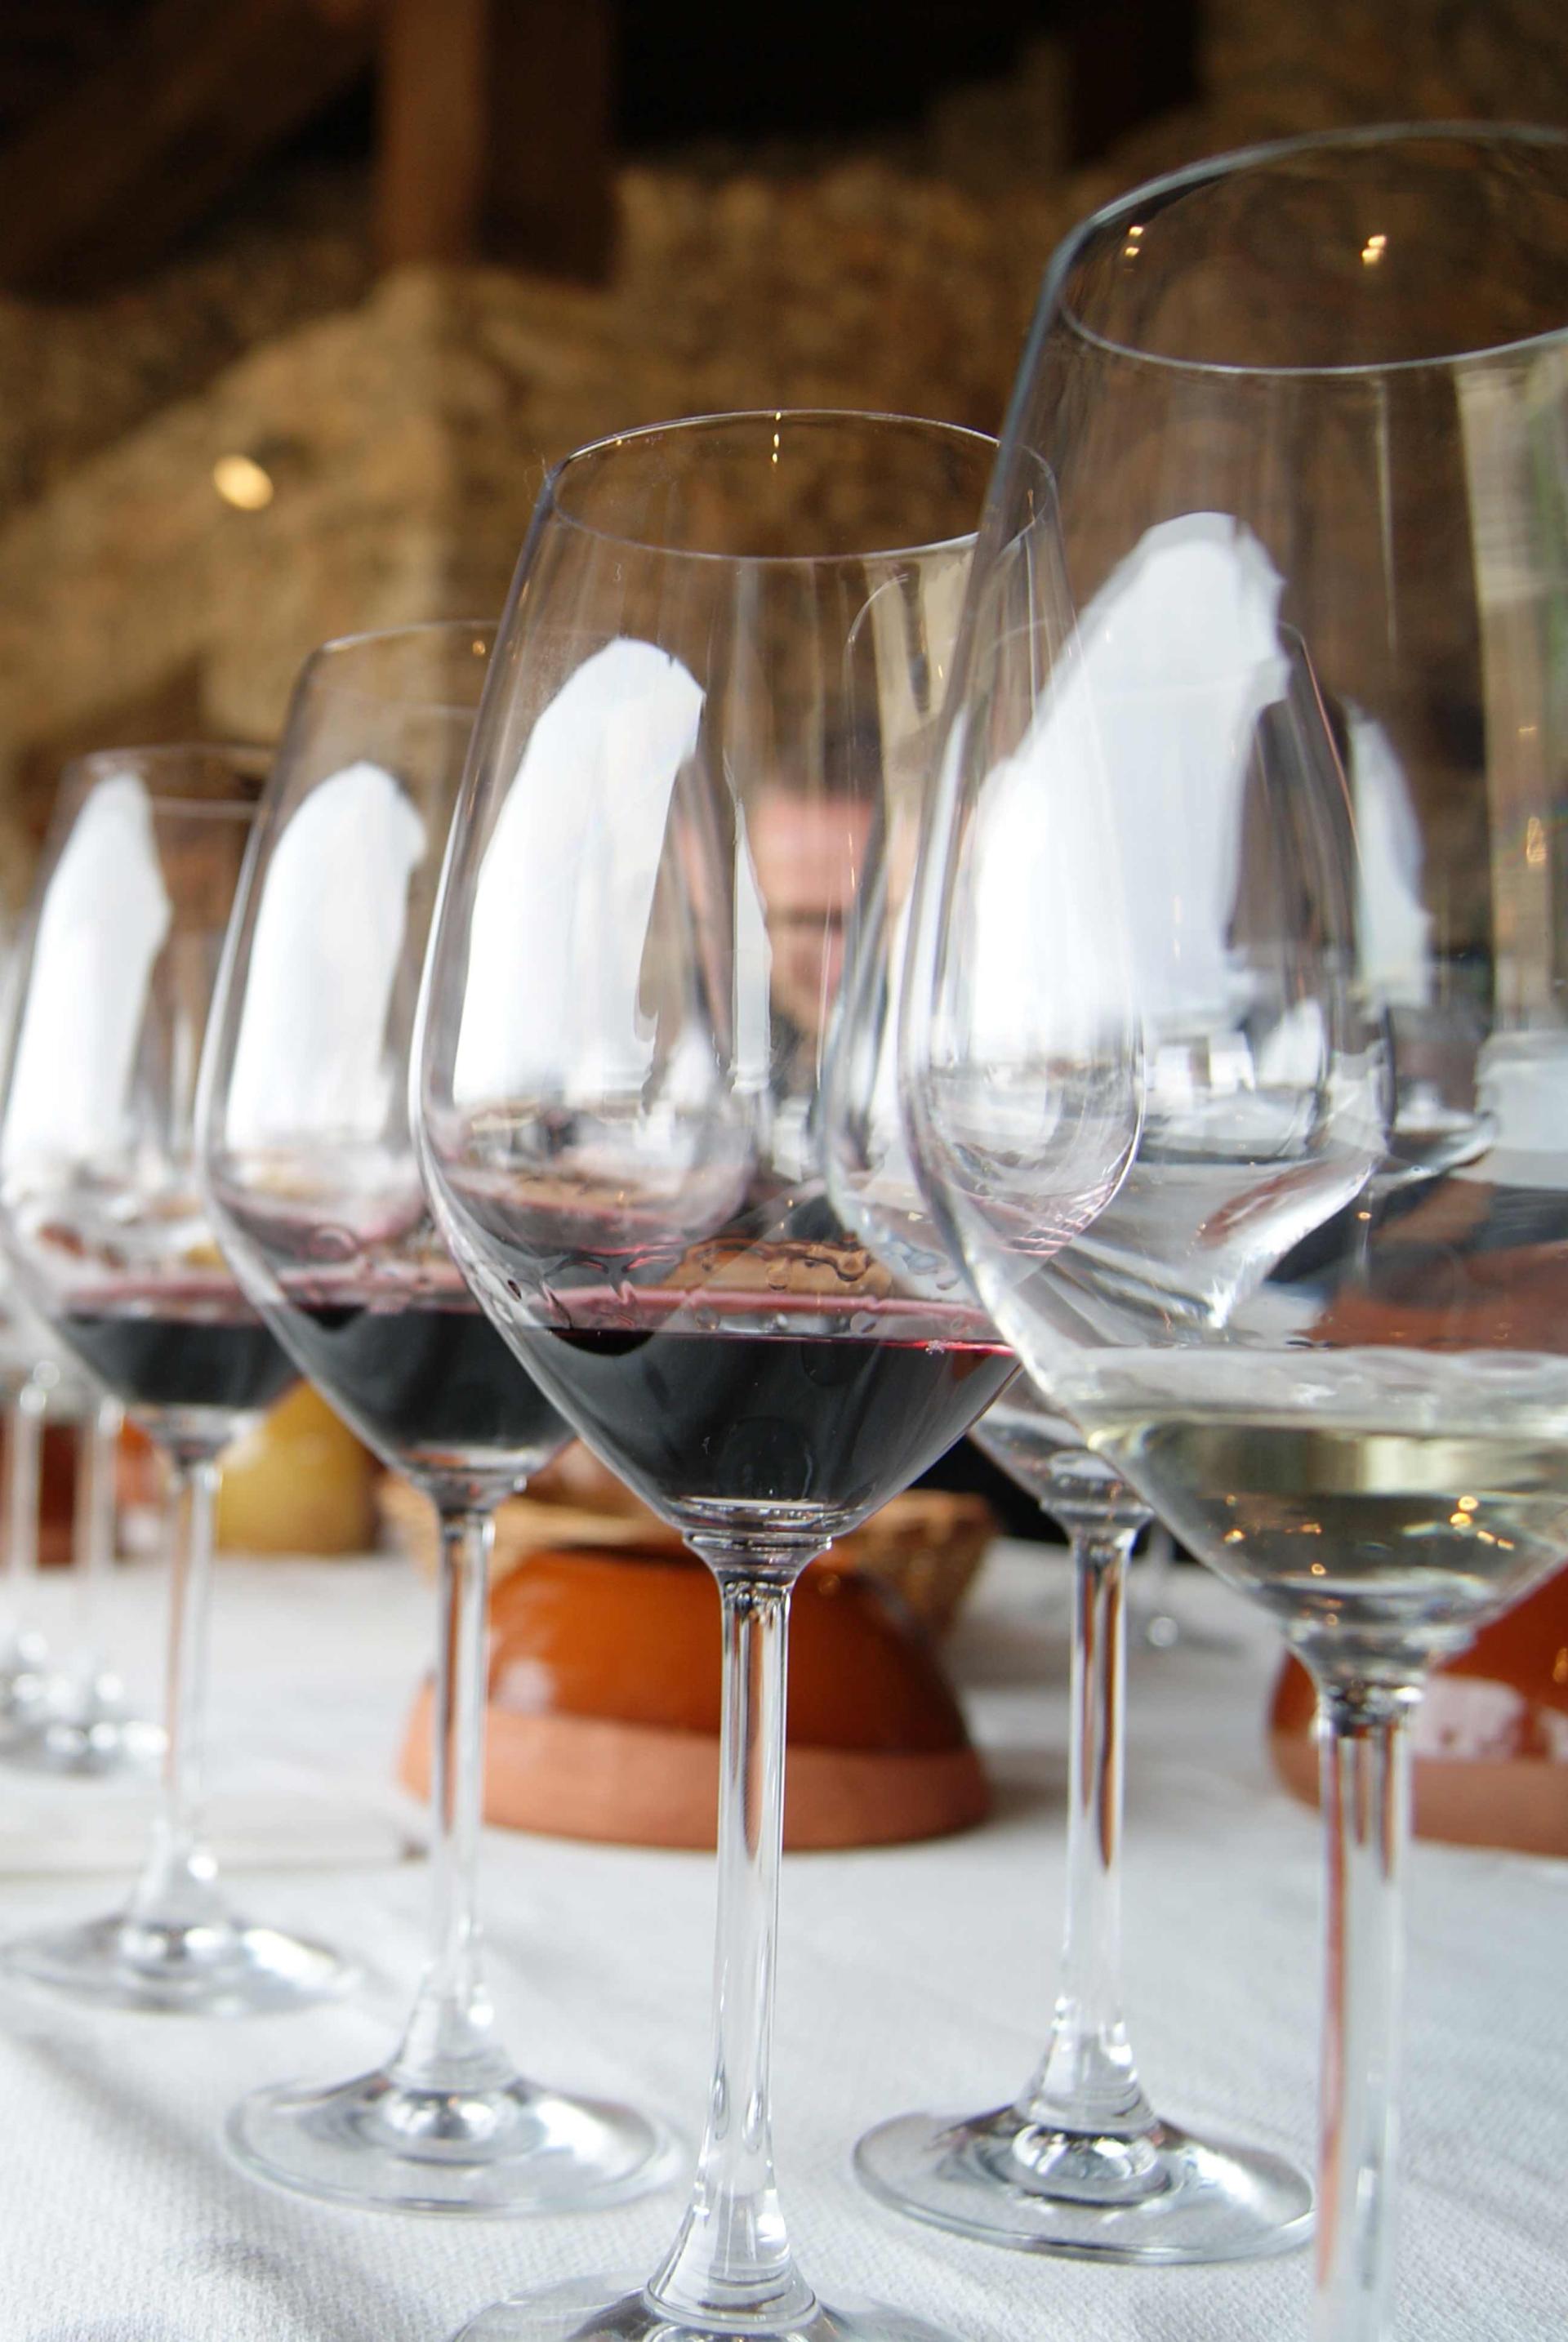 Copas en cata de vino en Bodegas Valduero